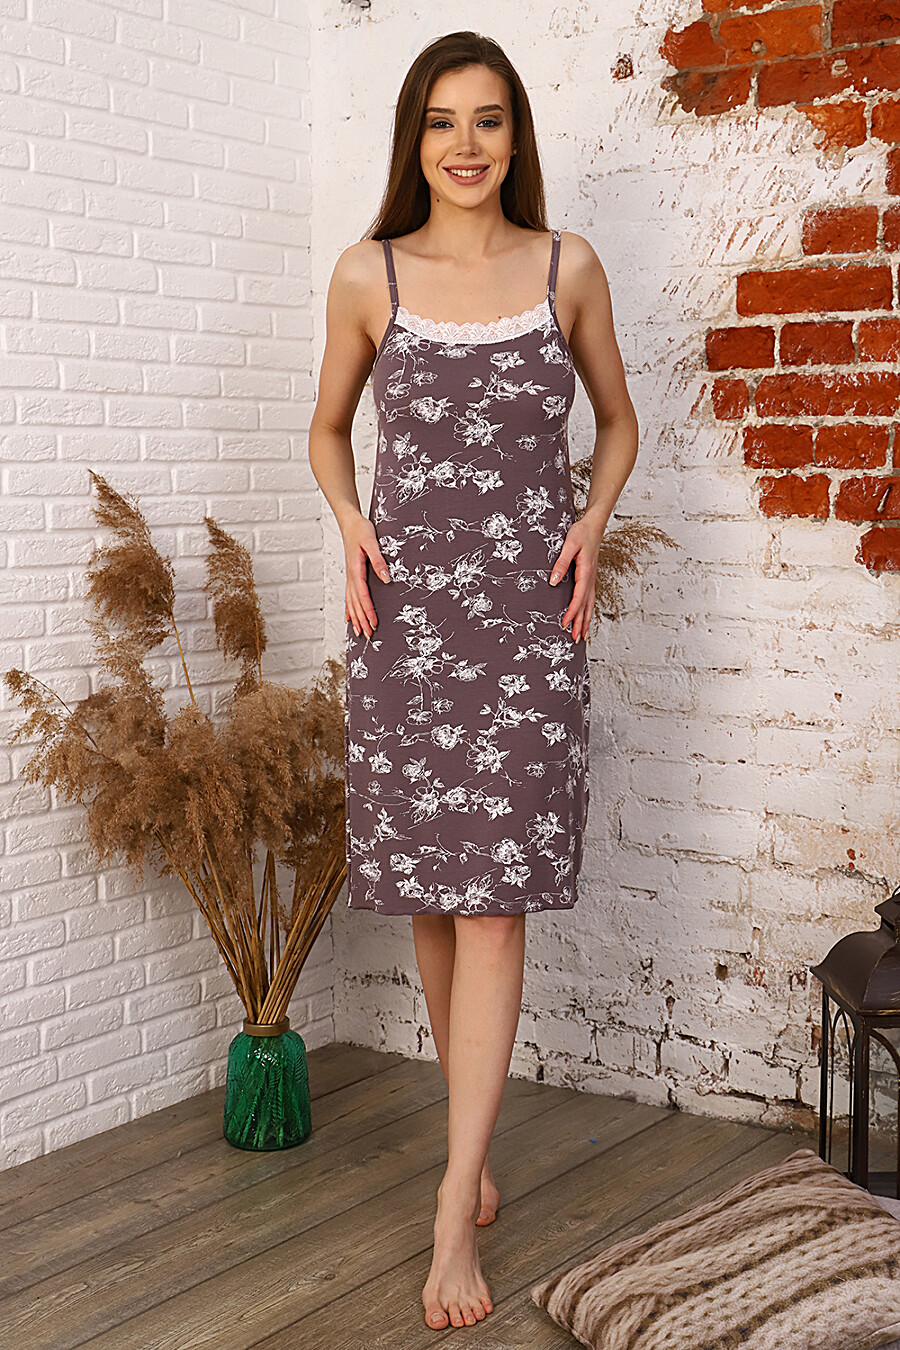 Сорочка 27557 для женщин НАТАЛИ 334816 купить оптом от производителя. Совместная покупка женской одежды в OptMoyo